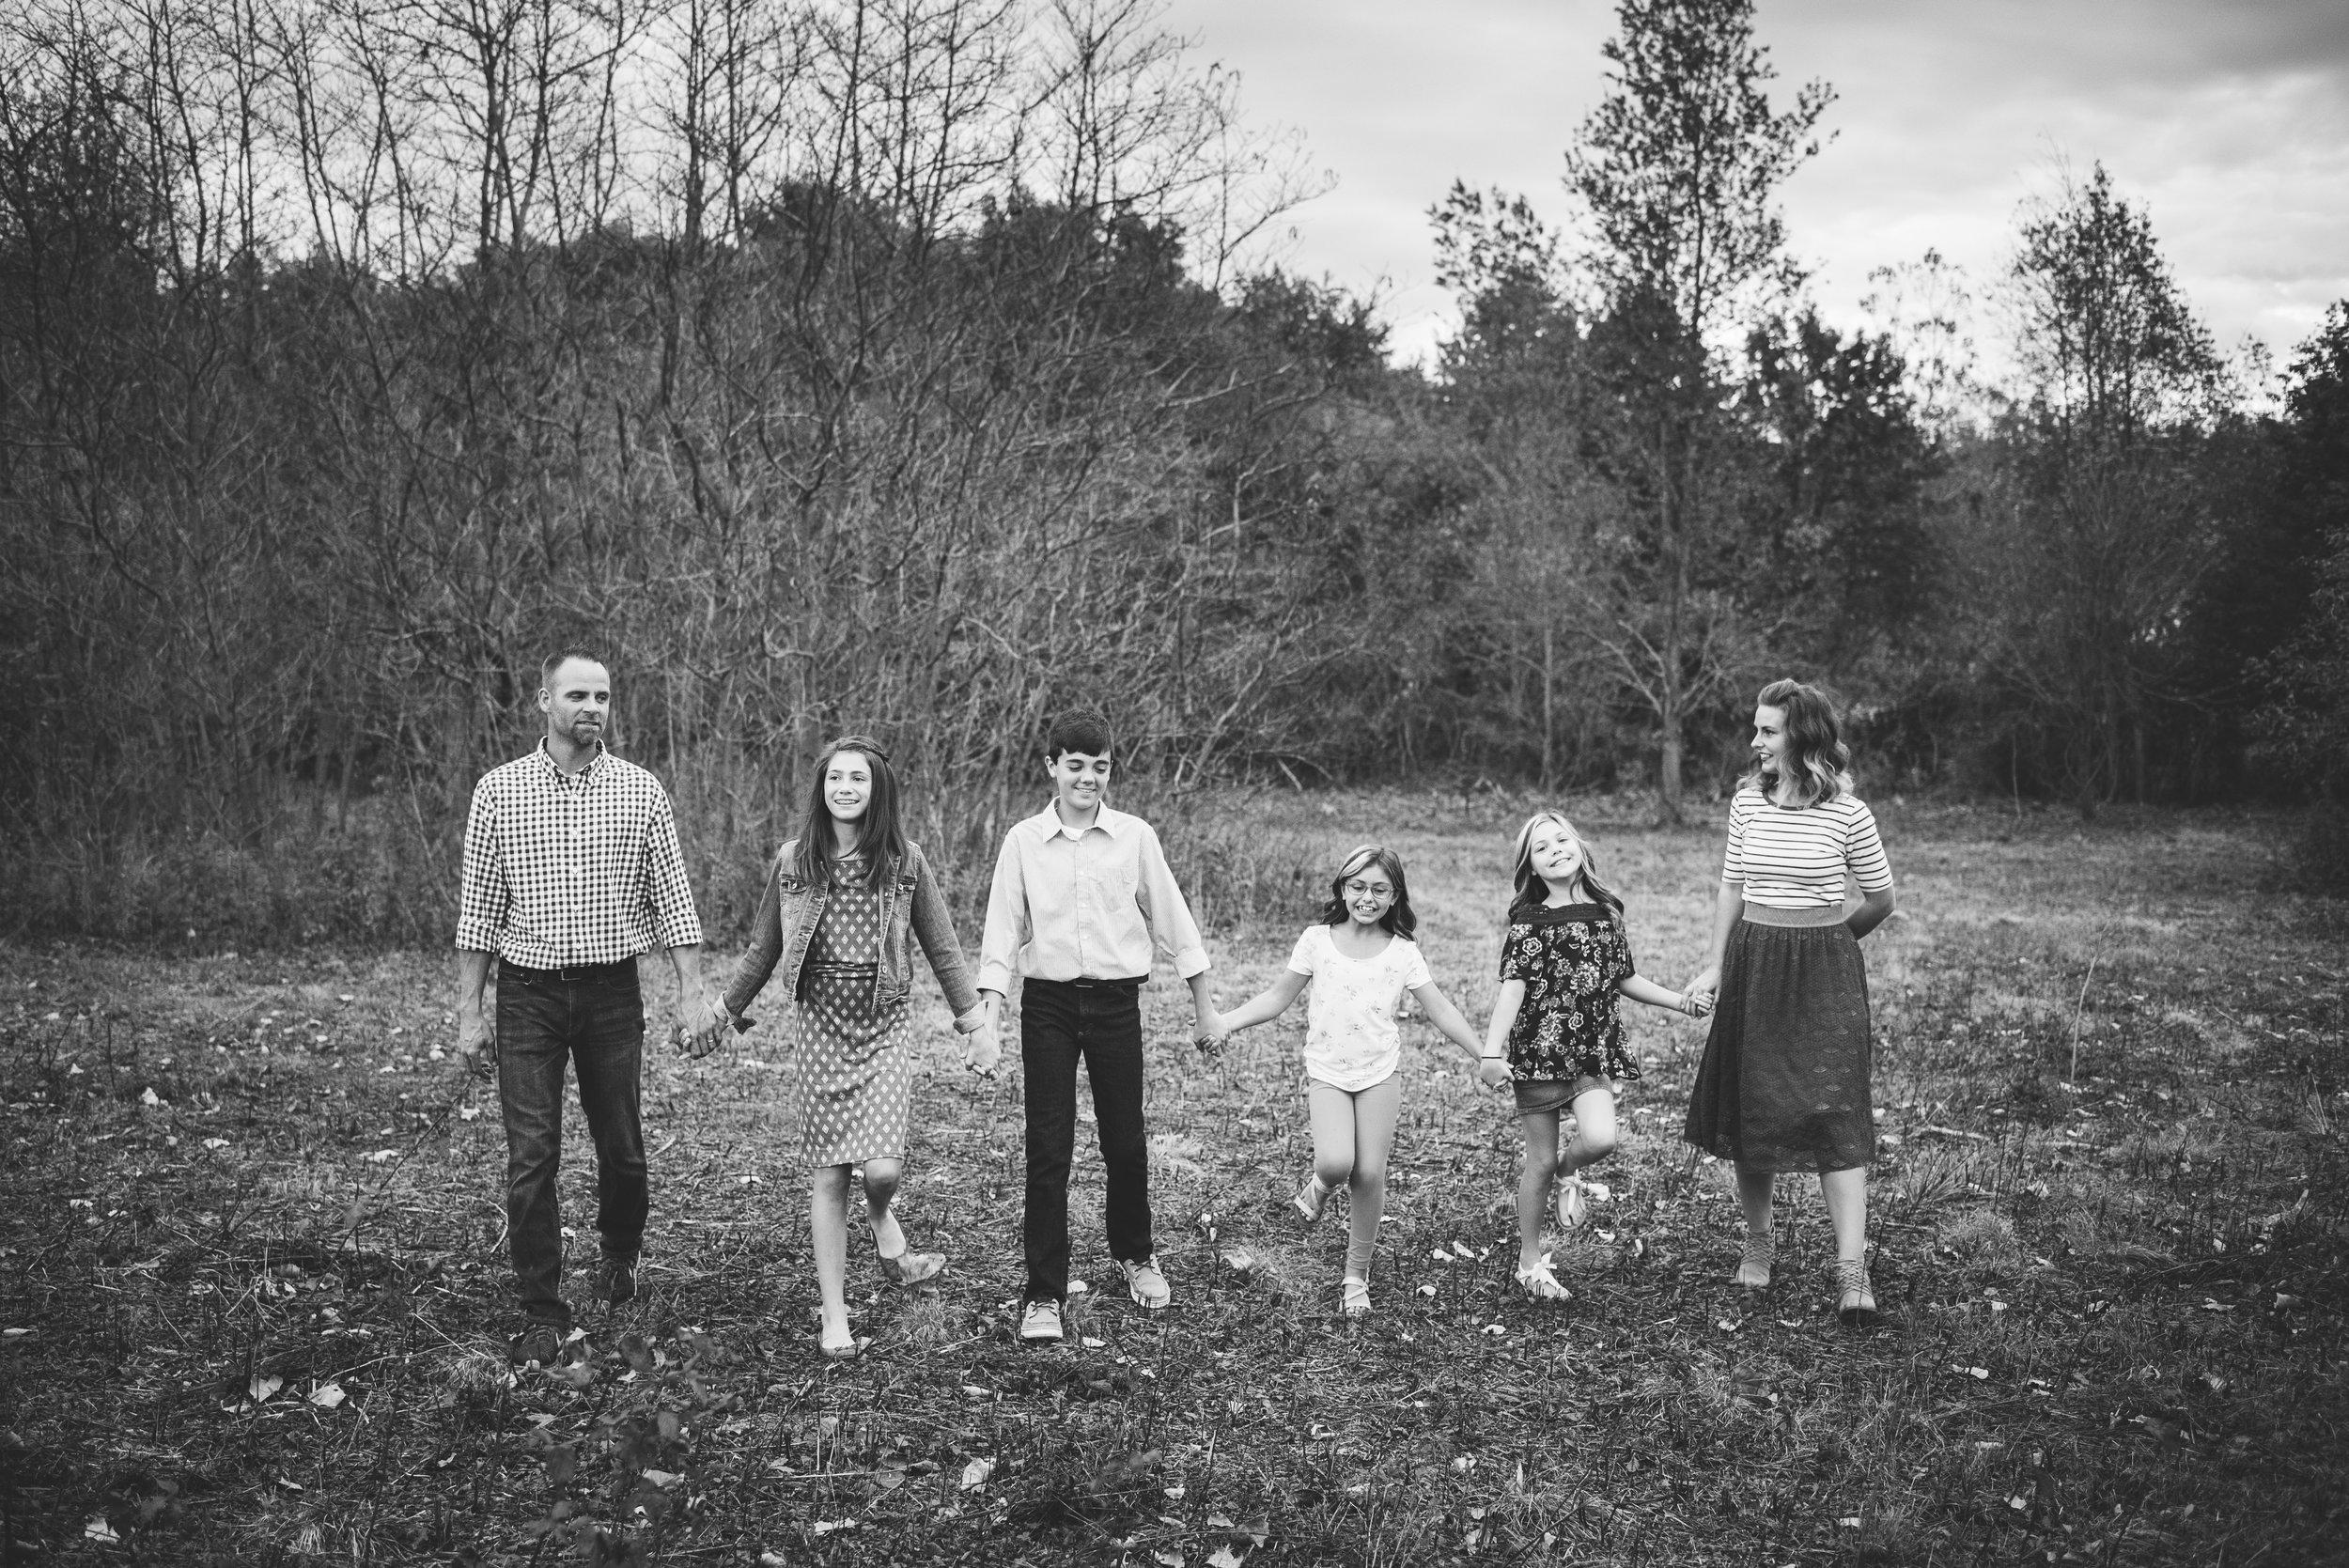 findlay family portraits